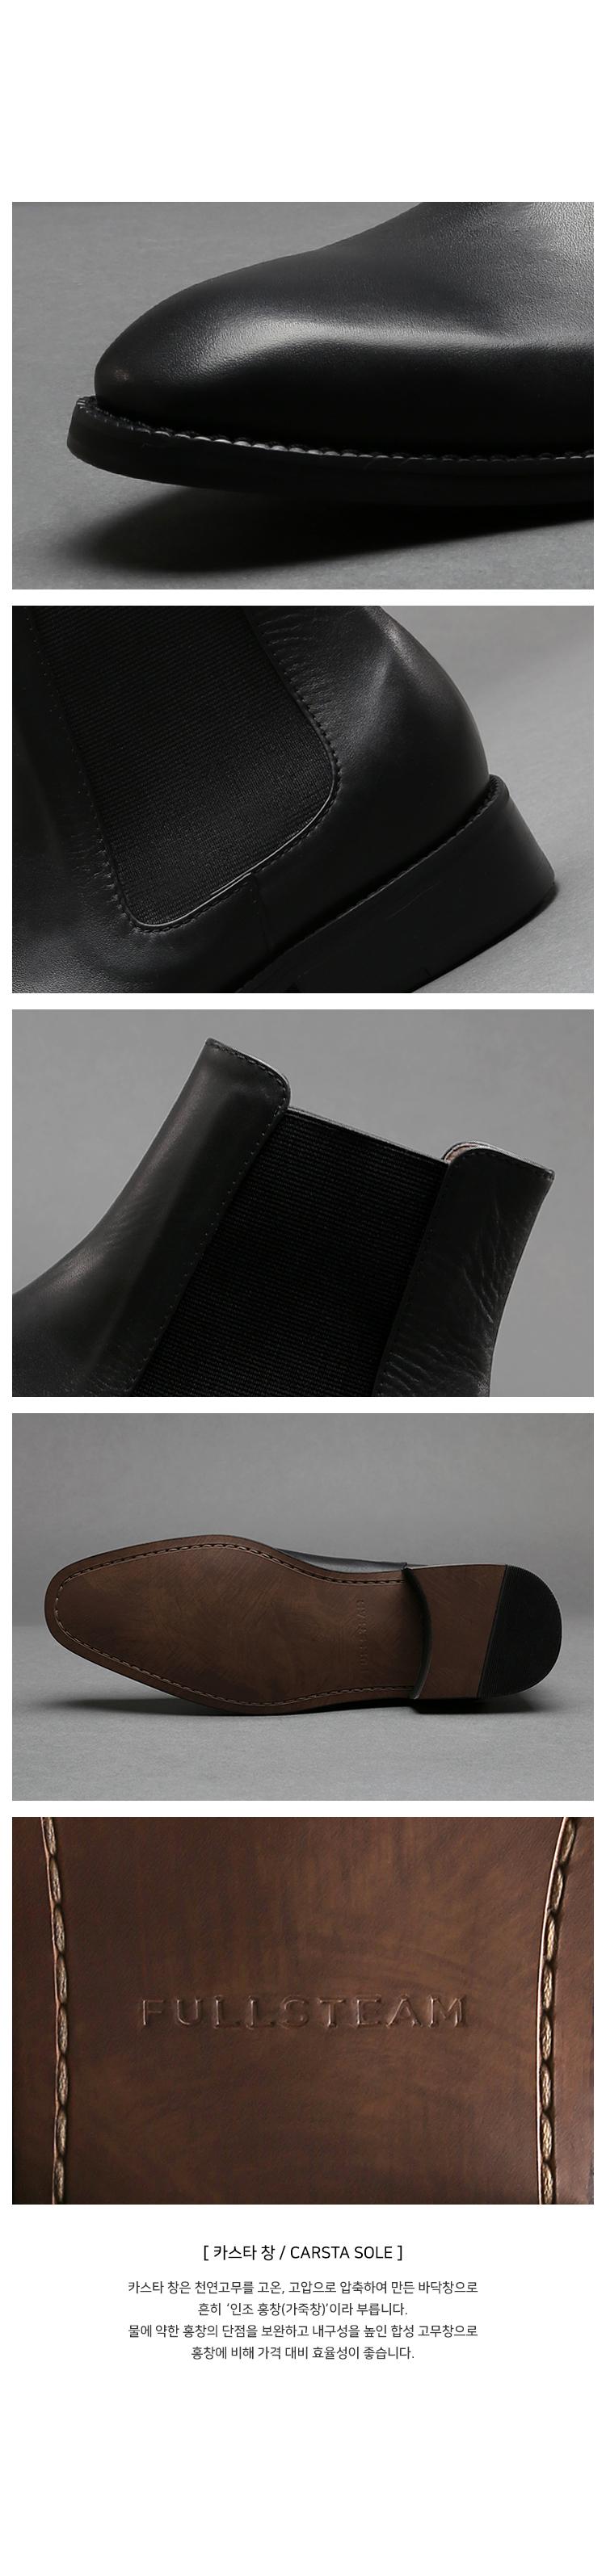 풀스팀(FULL STEAM) Boots_Edmund FEF901-BK